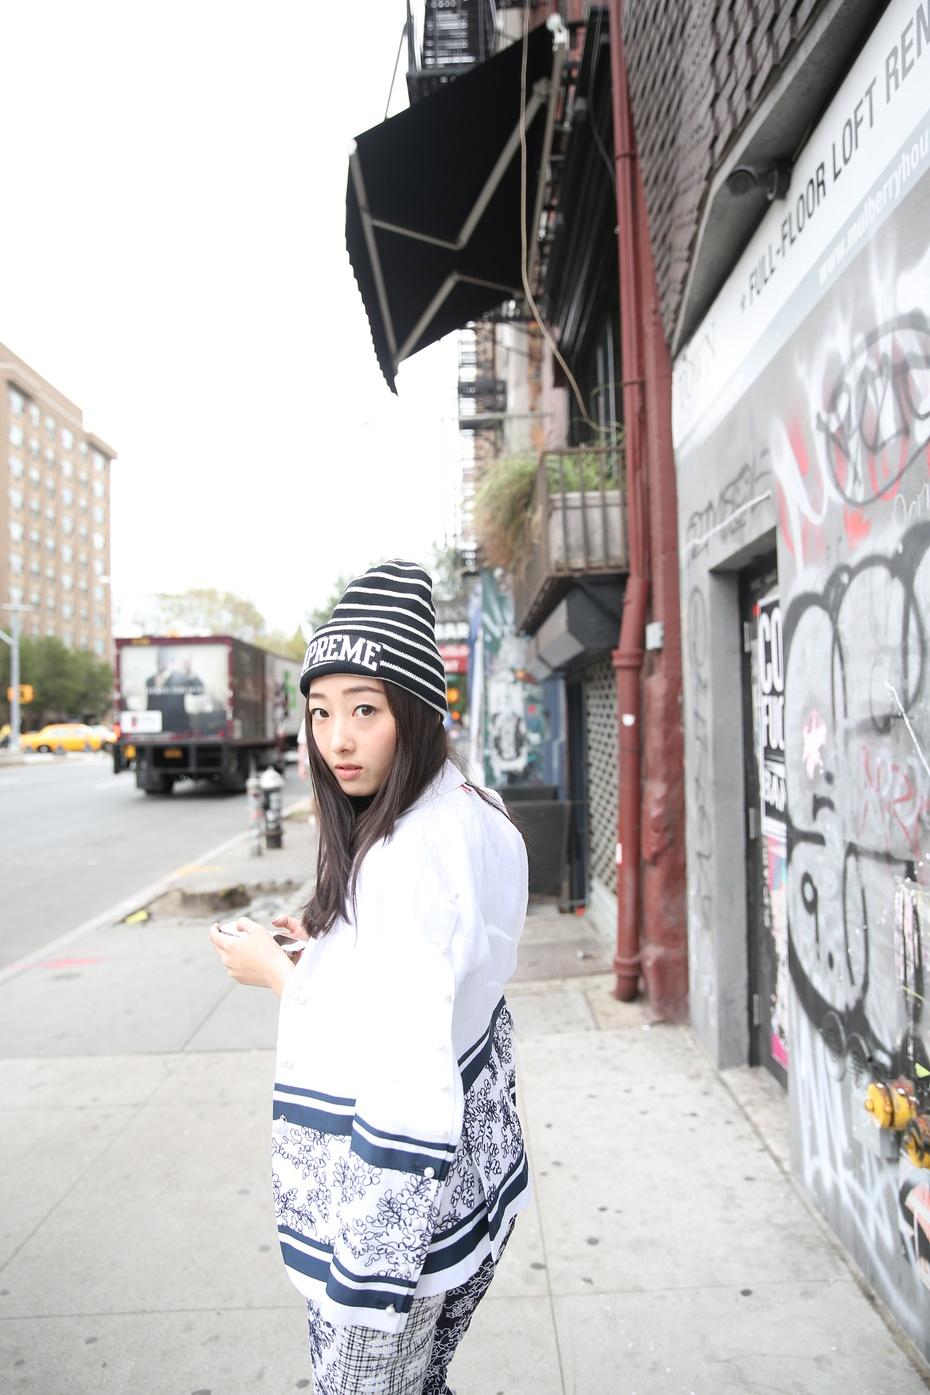 【纽约·梦游记】蒋梦婕西装演绎中性风 Freshboy时装周独家镜头日记 - 嘉人marieclaire - 嘉人中文网 官方博客